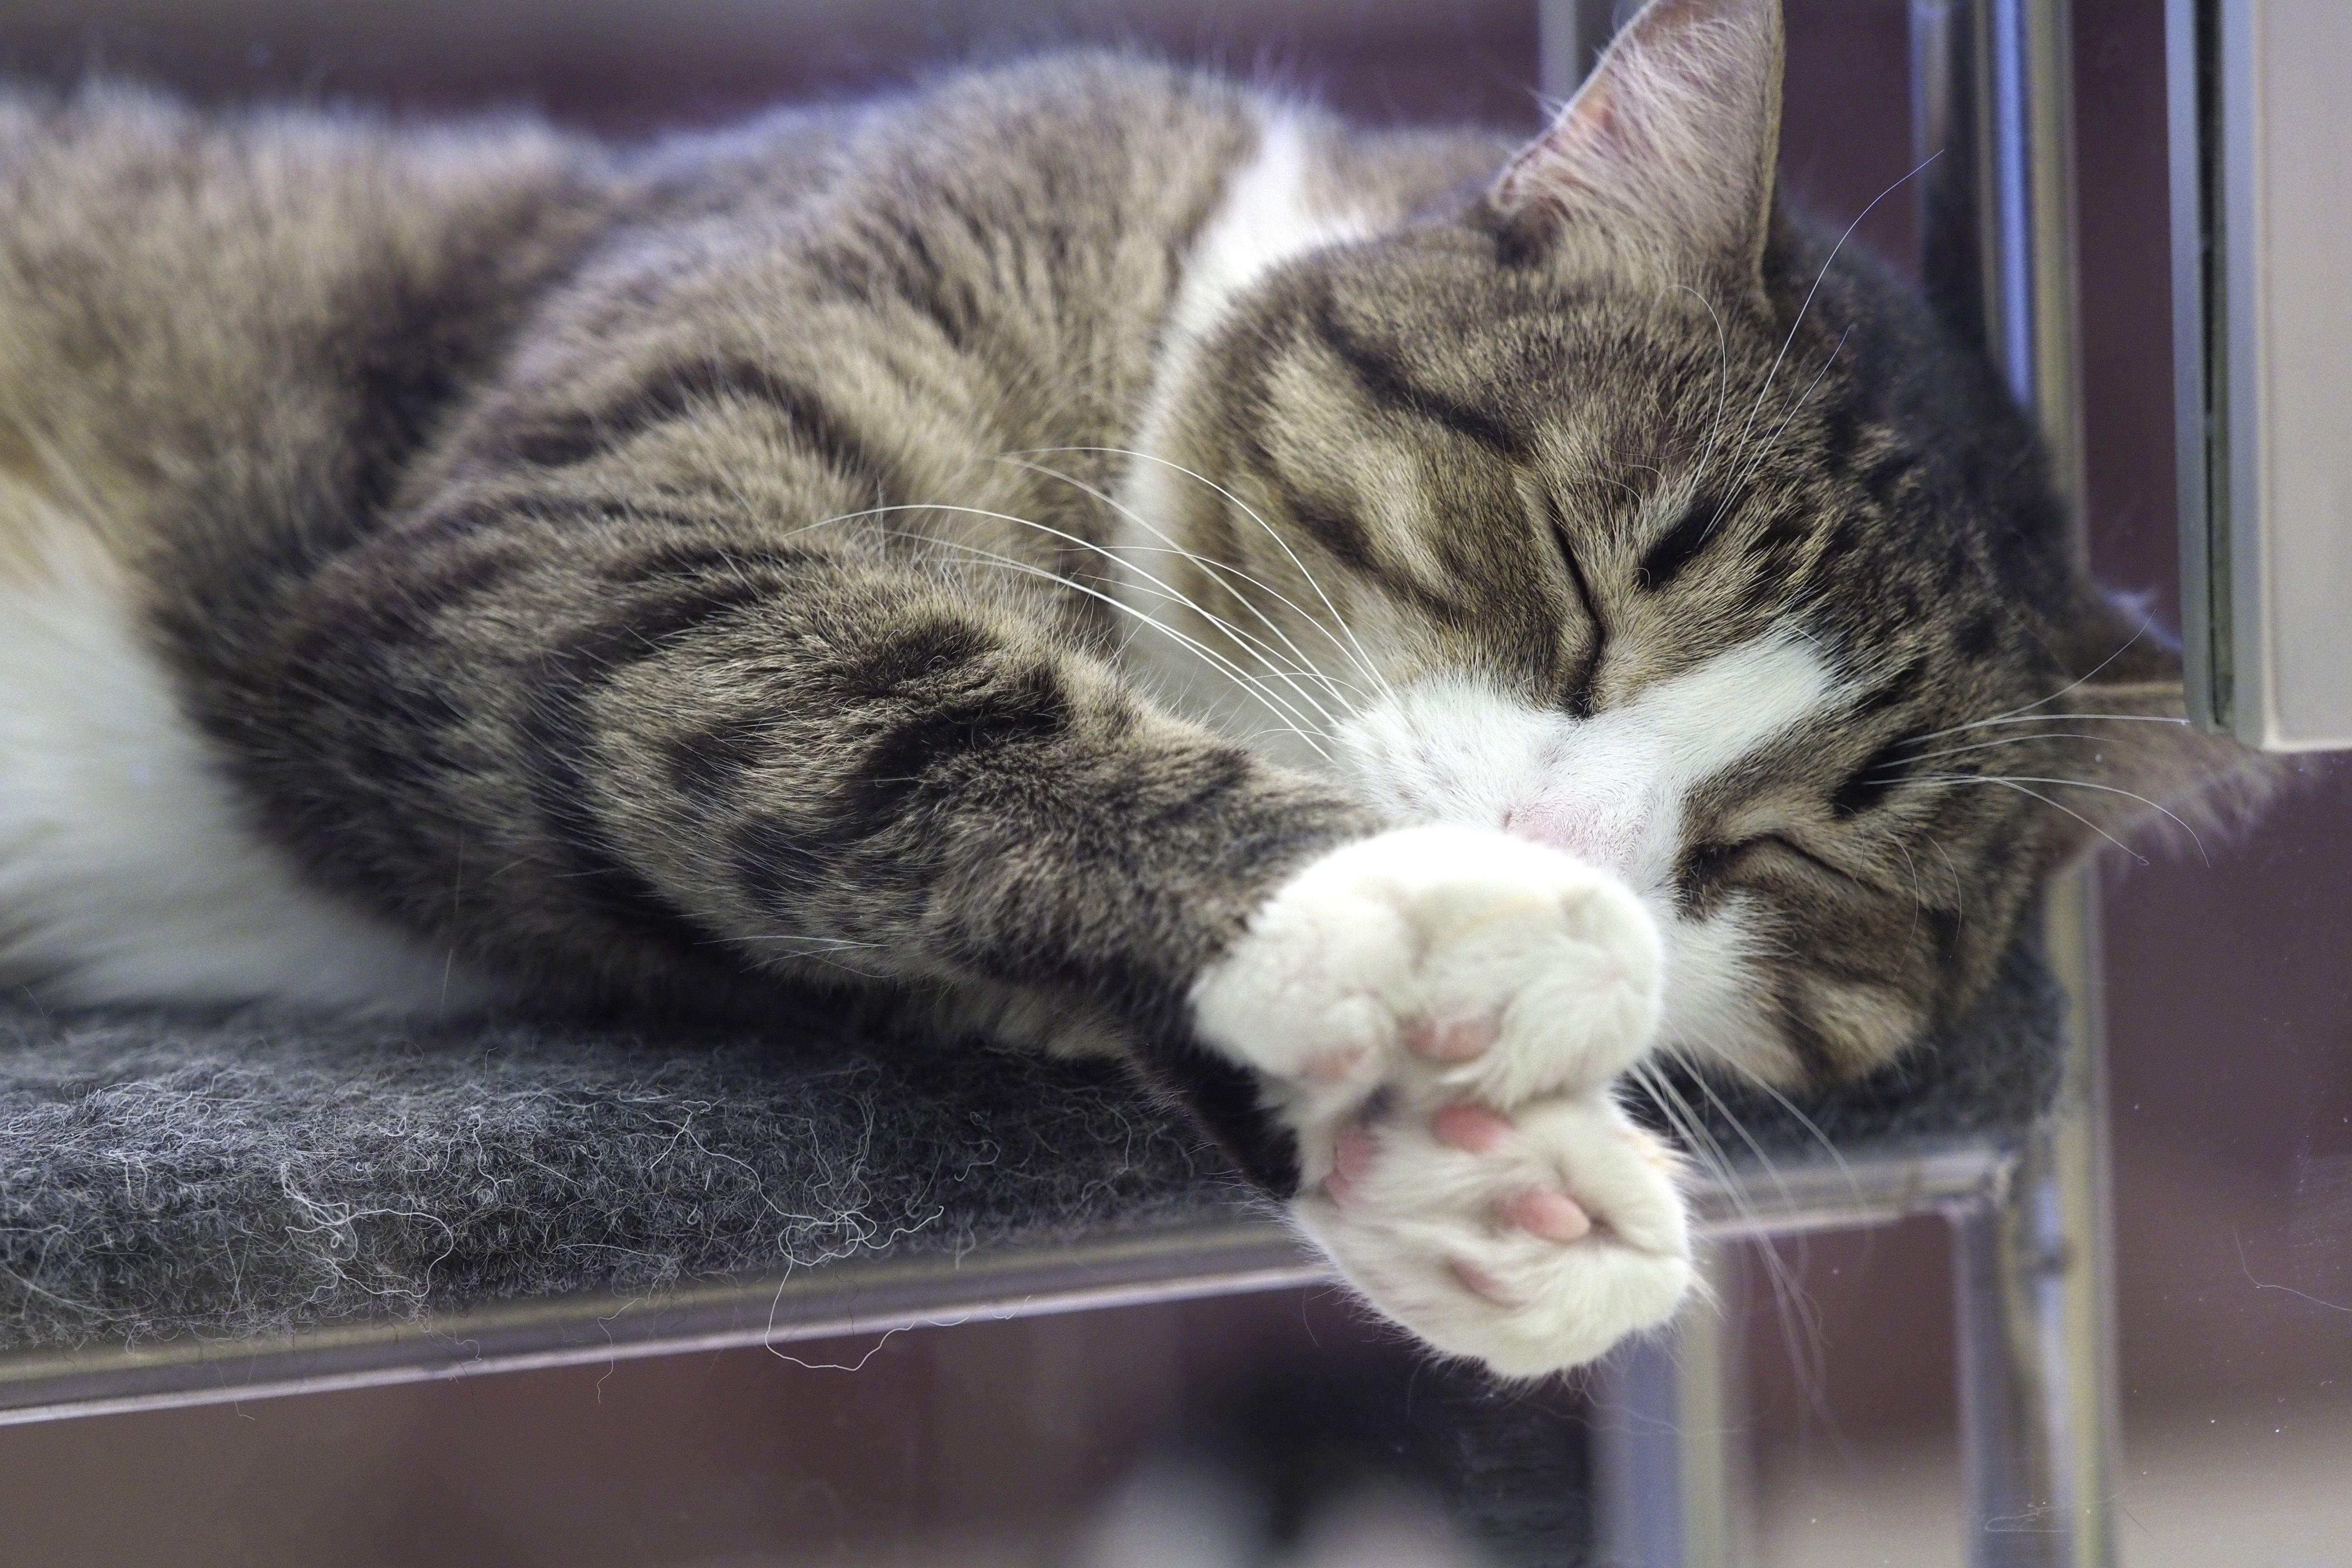 Врачи призвали обращаться к кошкам для успокоения нервной системы